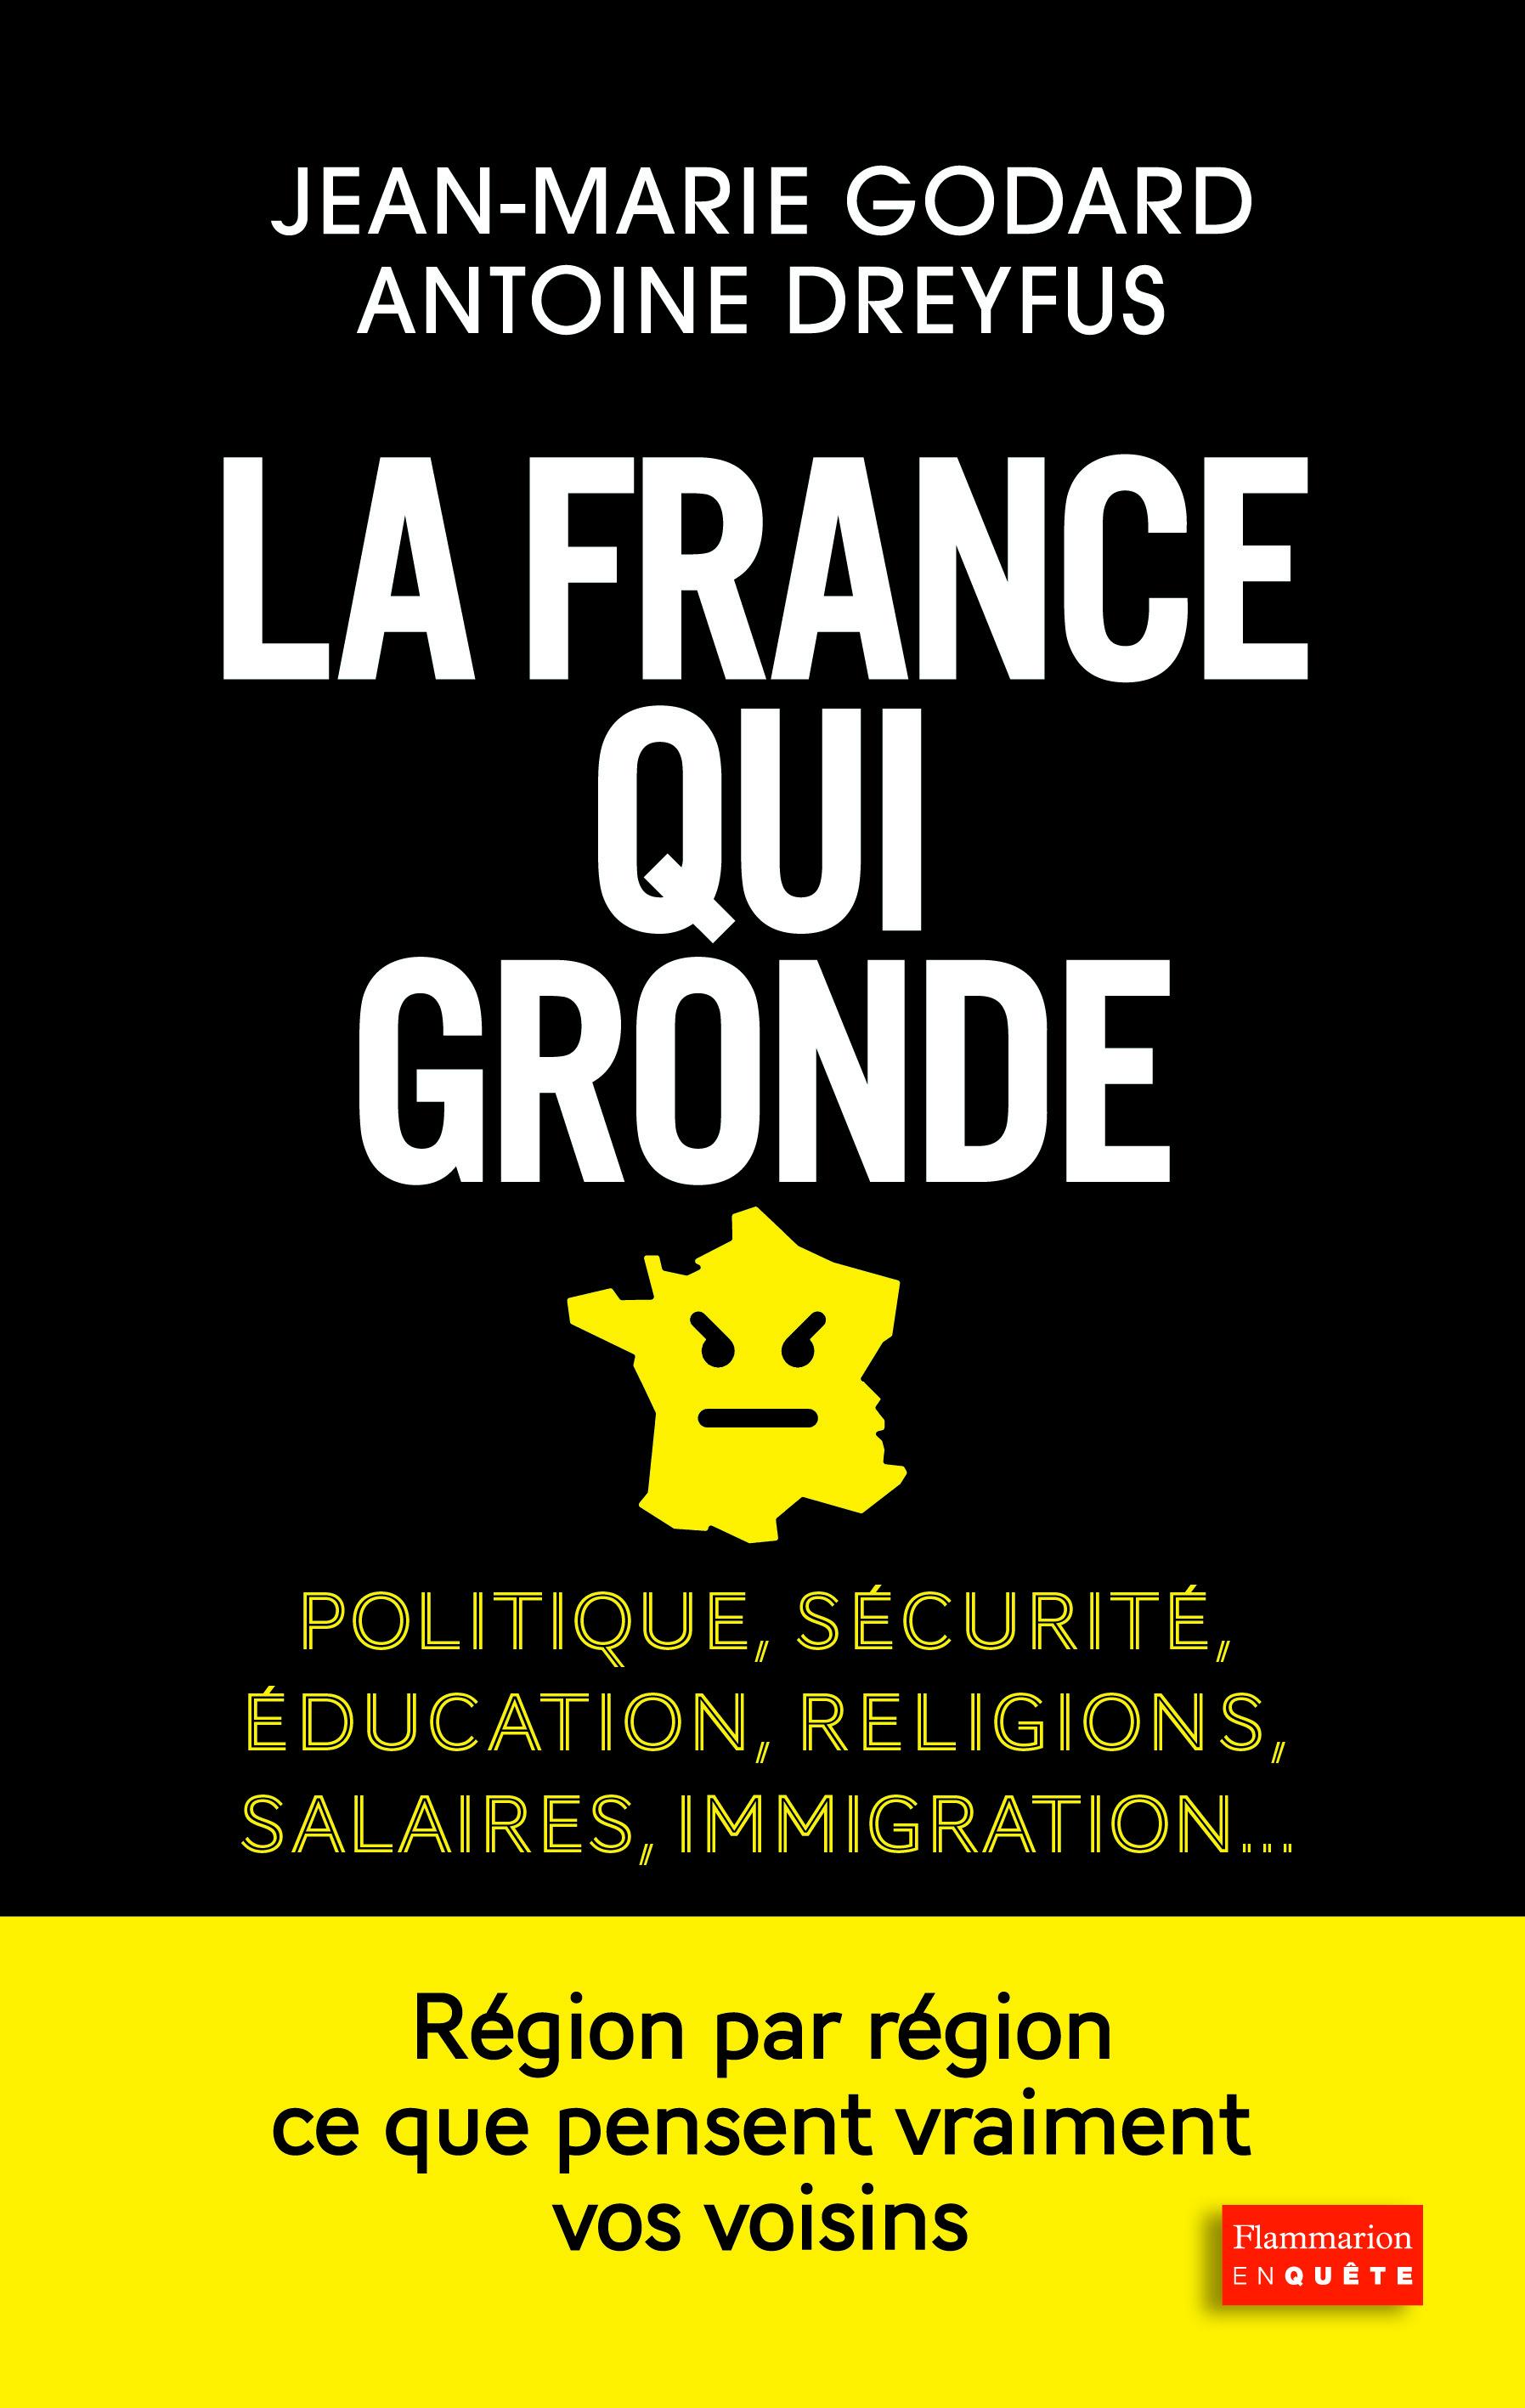 Les 4 France qui grondent et ceux qui ne veulent plus voter utile, nous les avons rencontrés et voici...